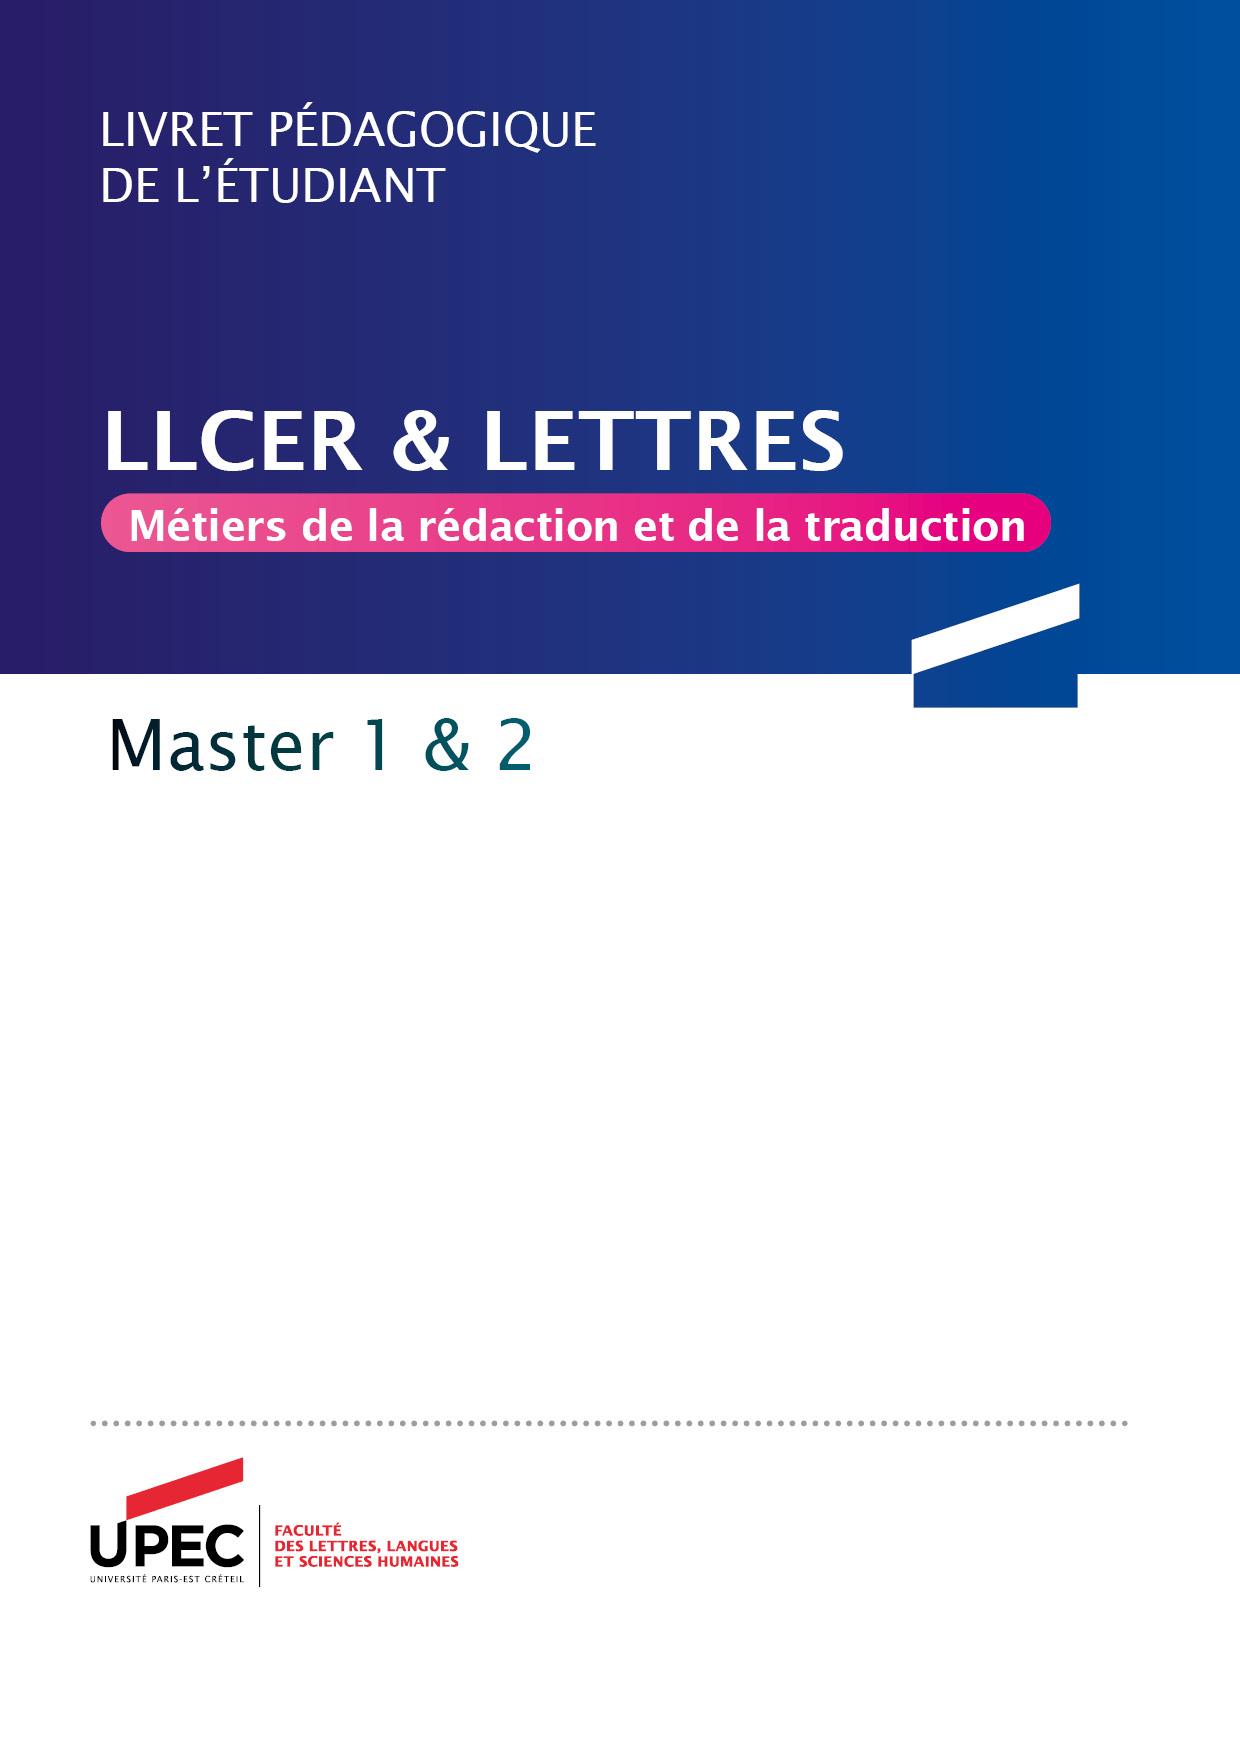 Télécharger le livret Master MRT 2020-2021